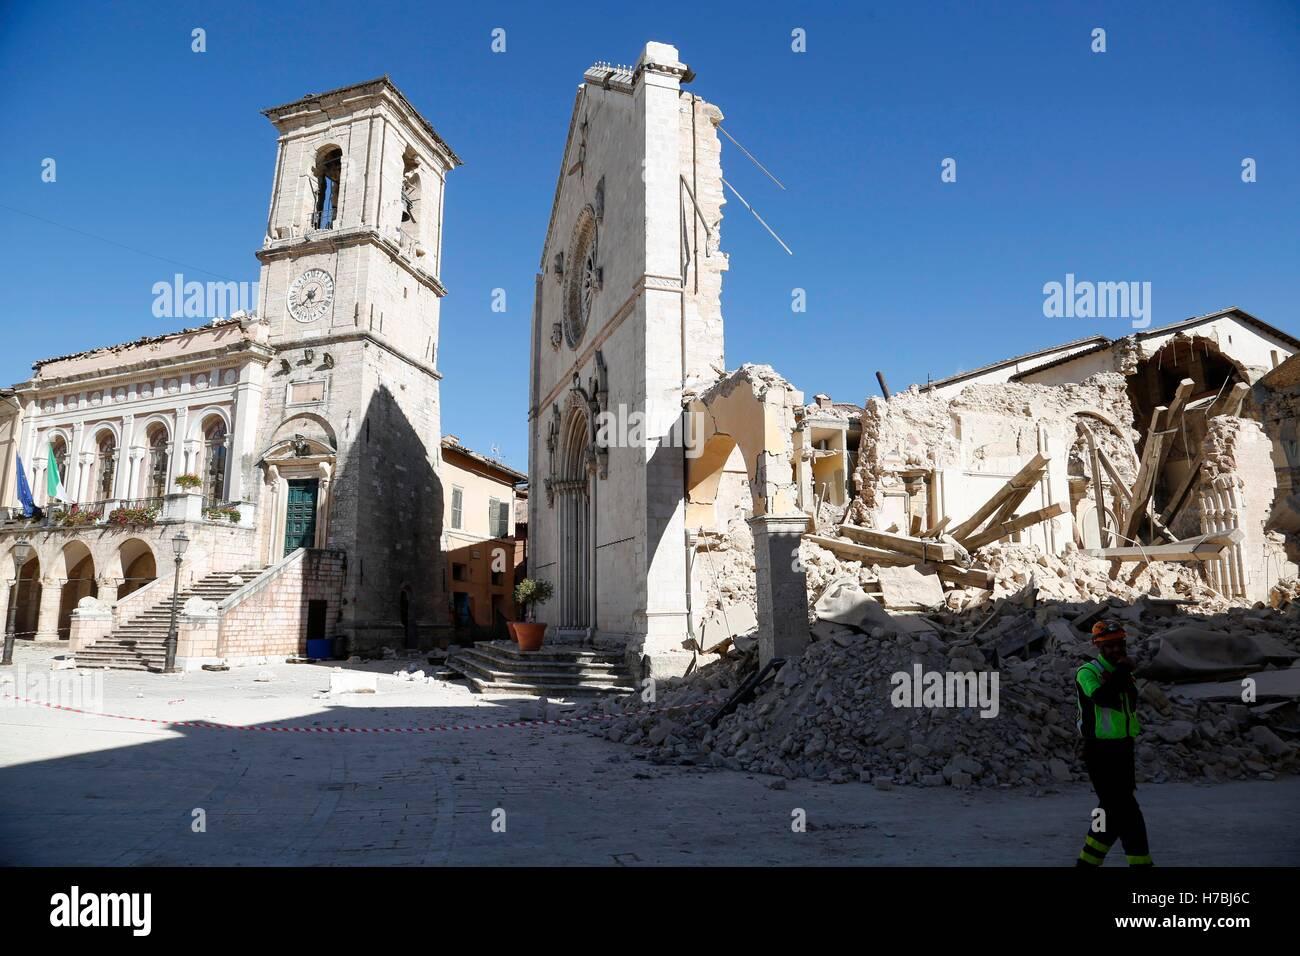 Norcia (Pérouse) séisme de magnitude 6,5 a frappé le centre de l'Italie le dimanche 30 octobre, Photo Stock